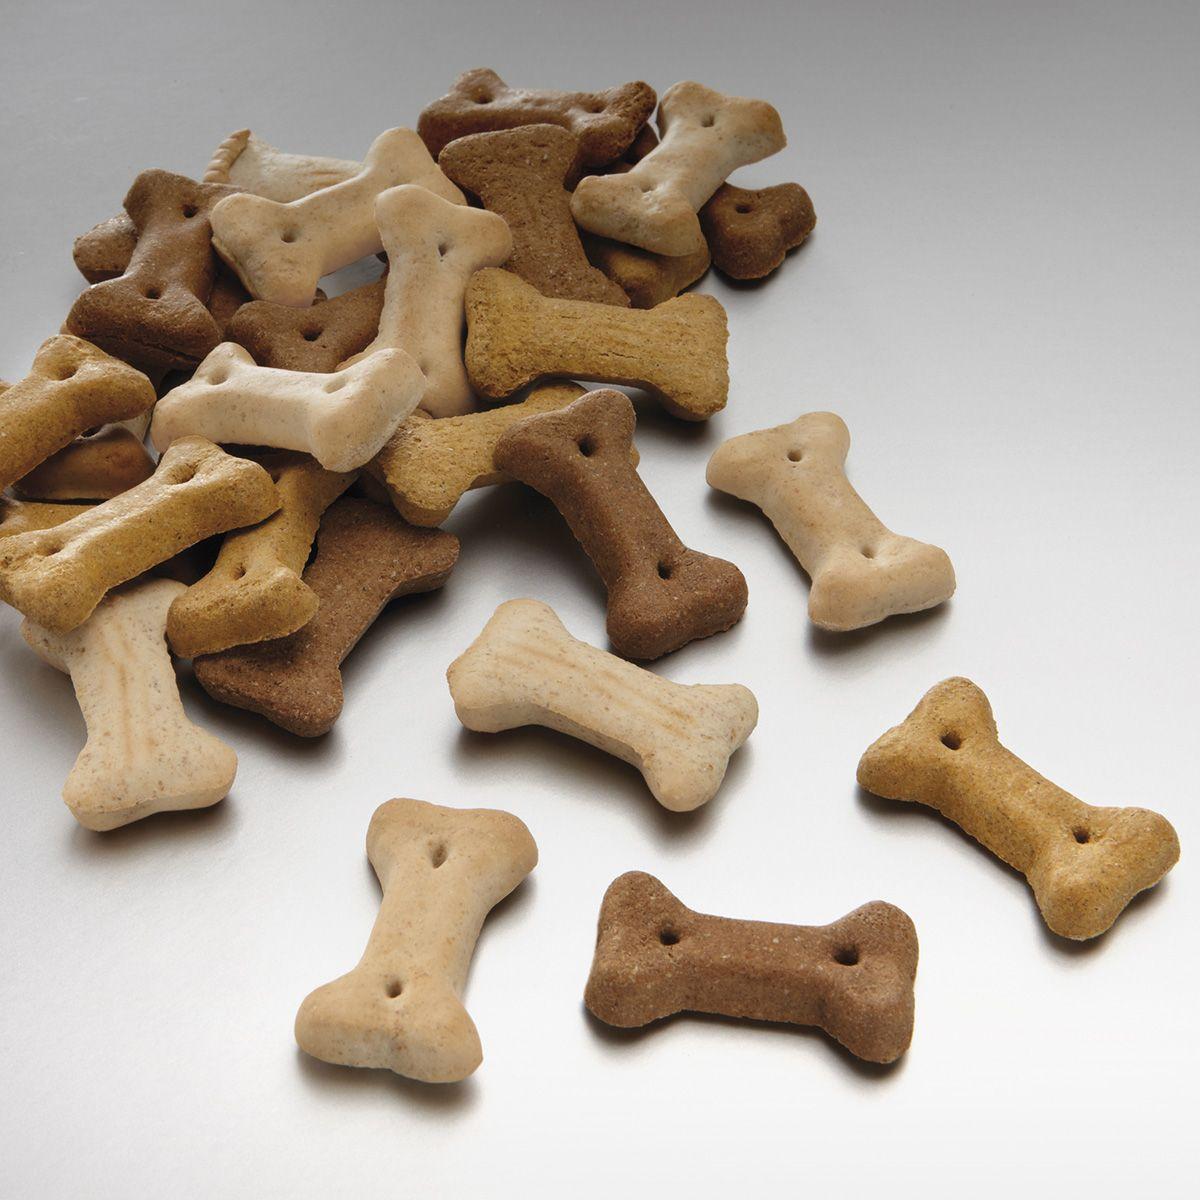 Лакомство для собак Meradog Miniknochen Mix, хрустящие косточки, 10 кг0120710Печенье (лакомства) для собак. Как вознаграждение, а также дополнение к основному рациону собак